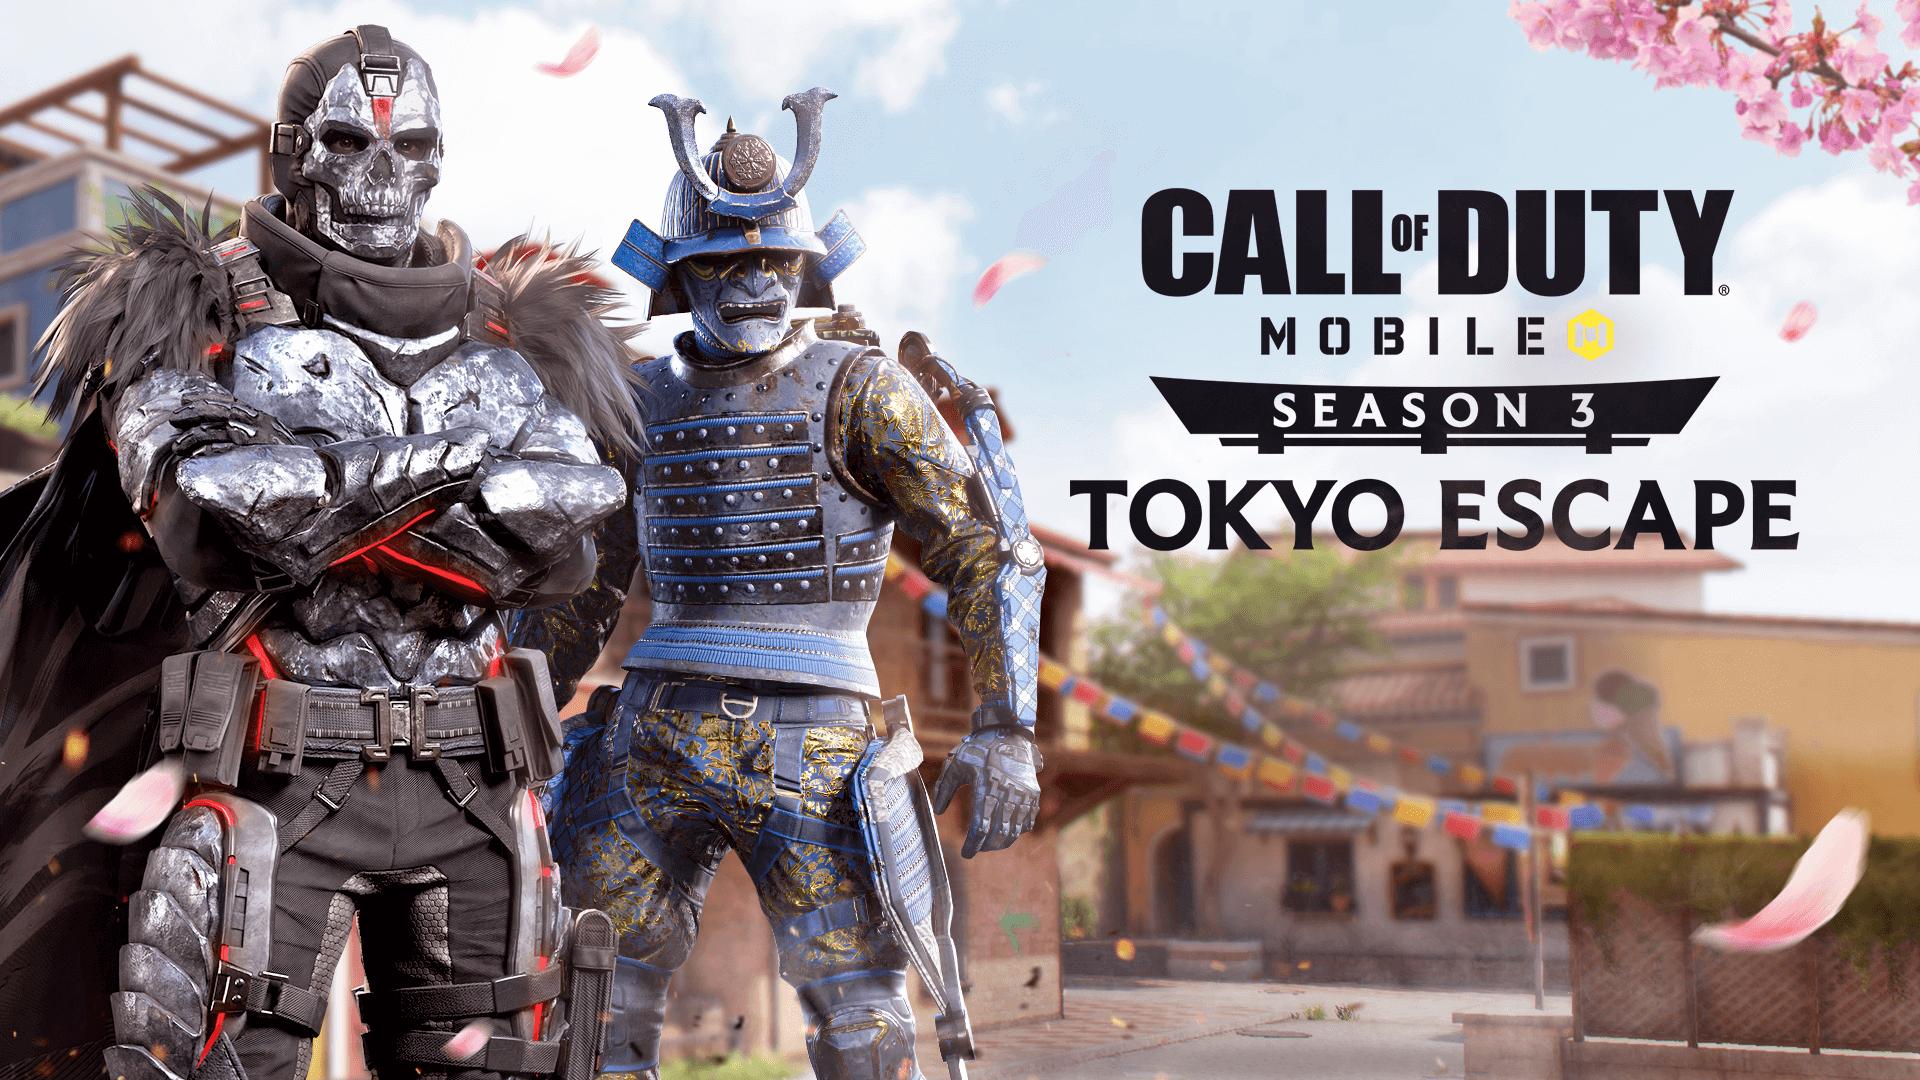 Call of Duty: Mobile traz A Fuga de Tóquio, na Temporada 3 - Última Ficha